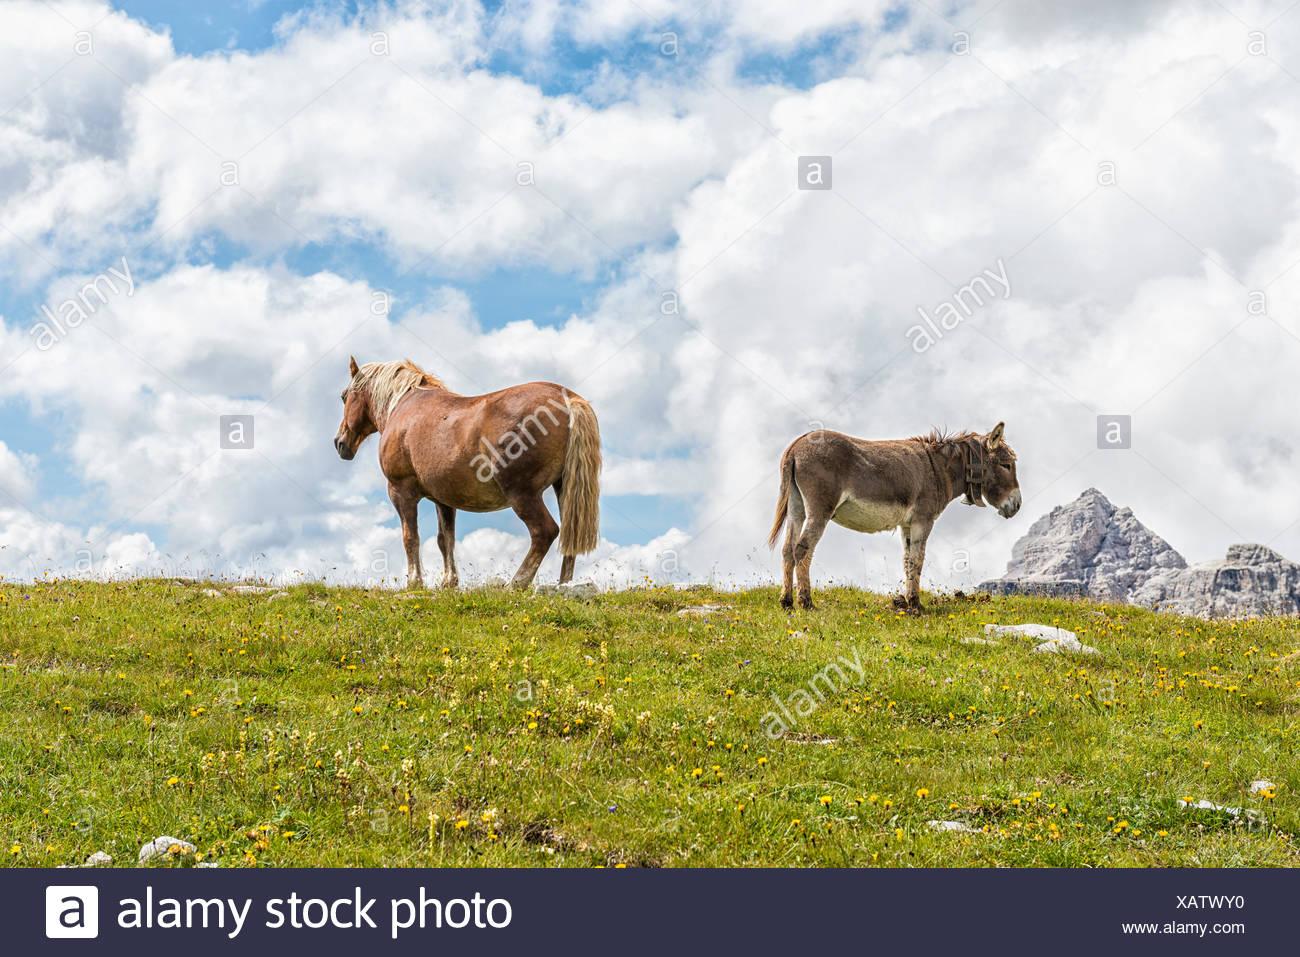 Horse and donkey graze on the lawns near Lavaredo refuge, Veneto, Dolomites, Italy, Europe. - Stock Image